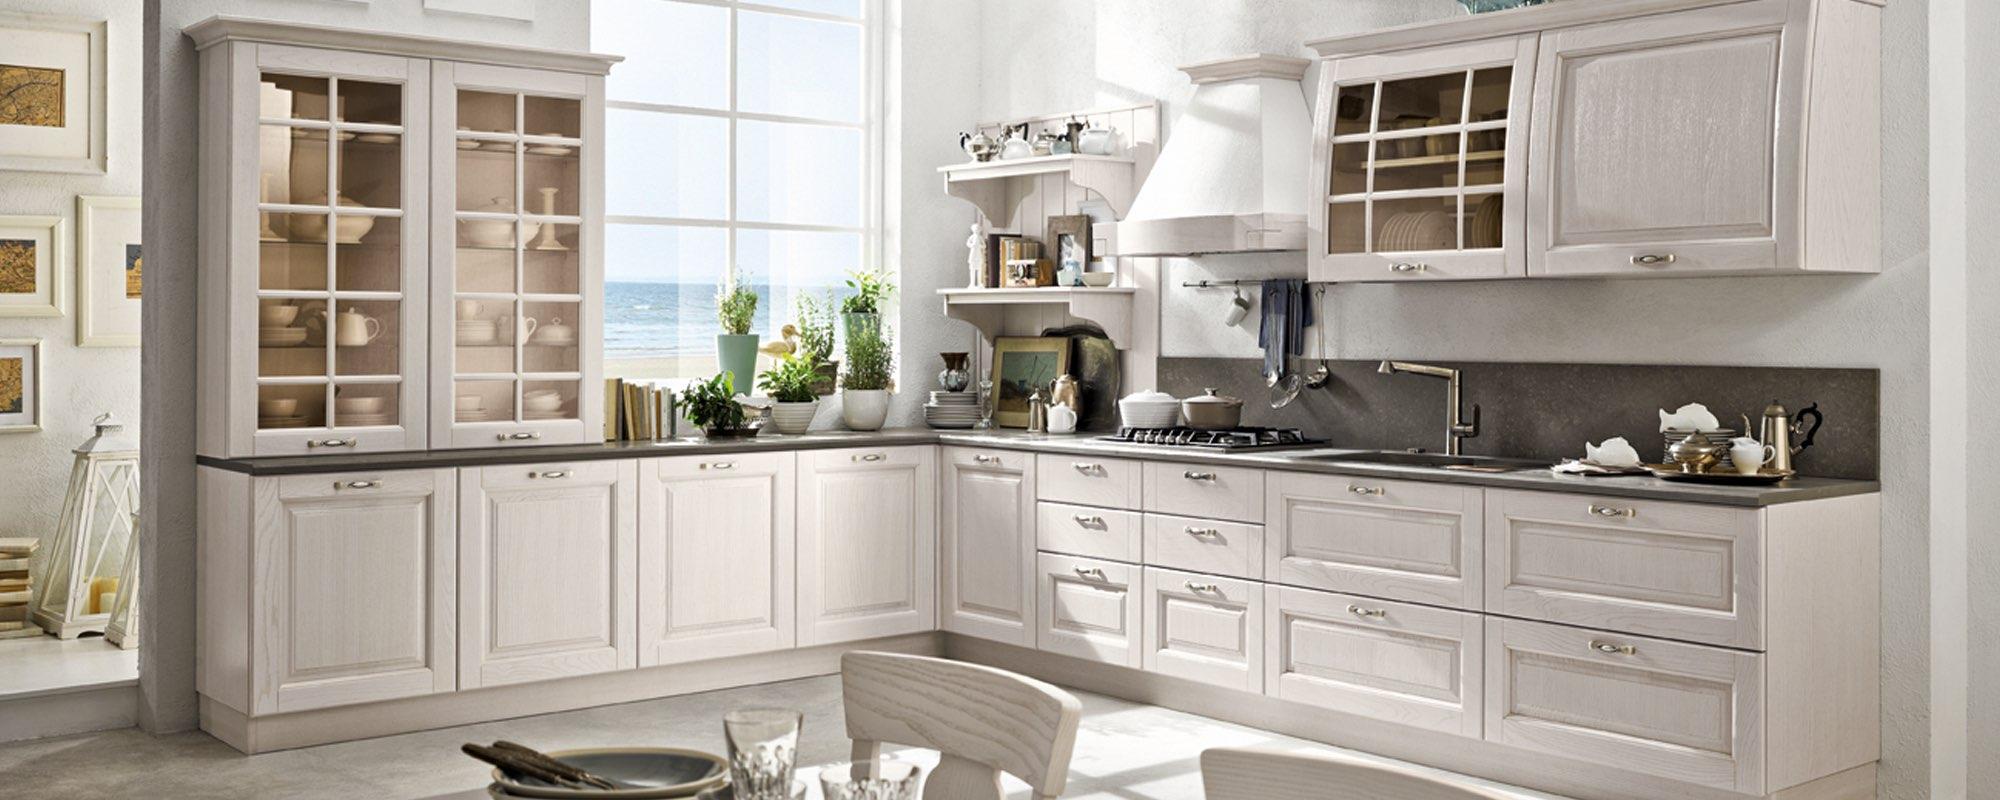 Cucine classiche| Bagnolo San Vito | Stosa Cucine Mantova di ...